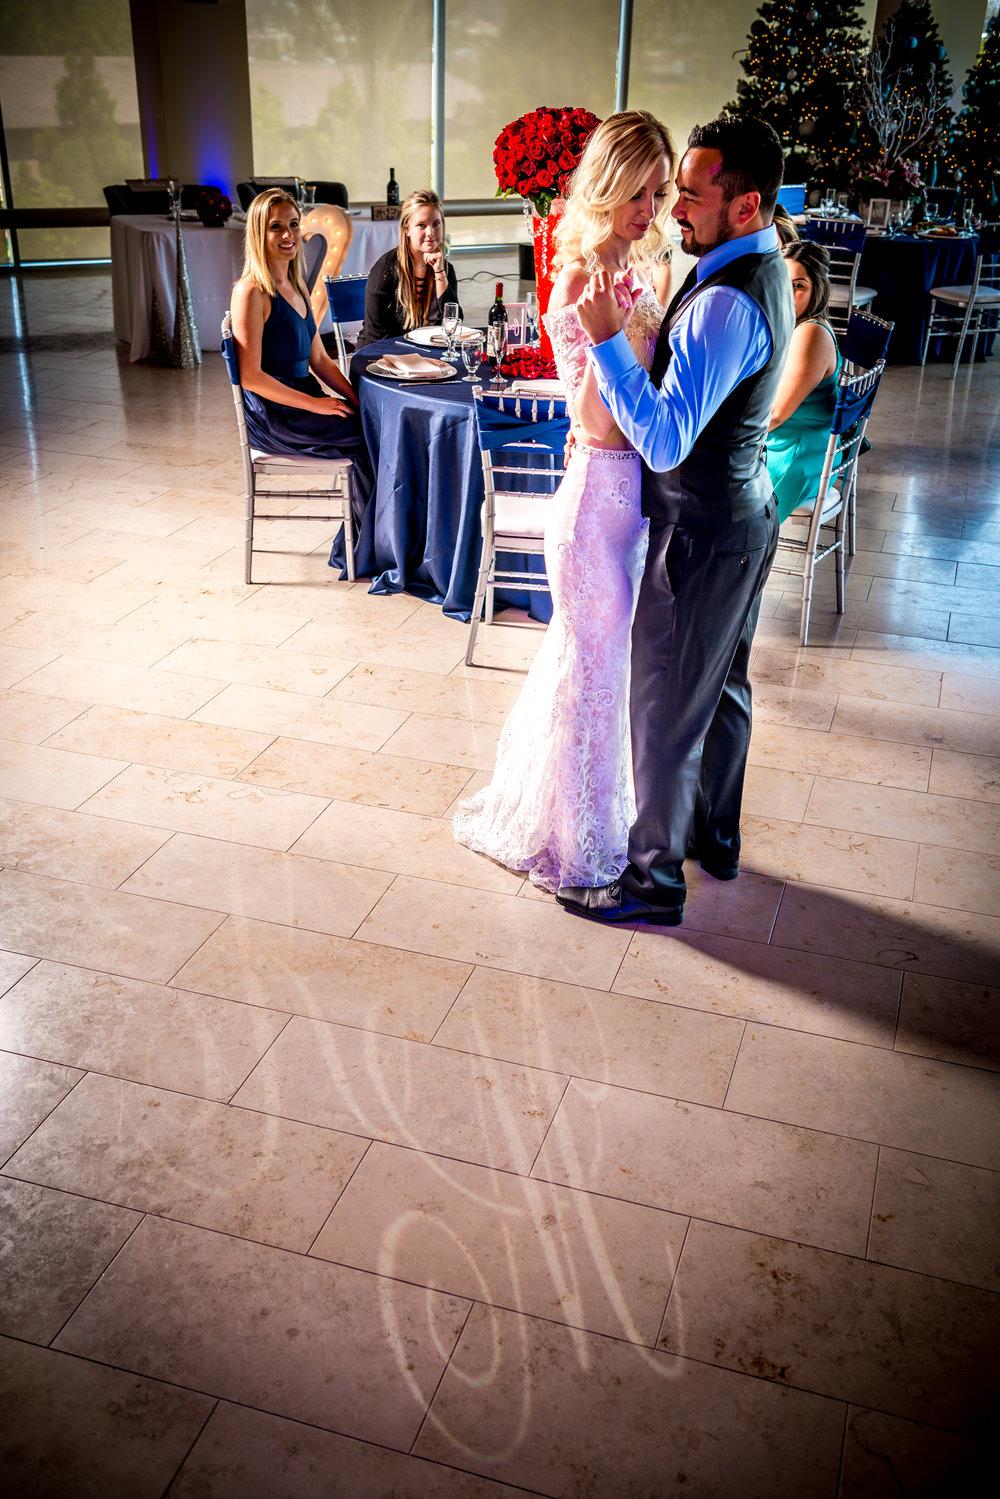 The_Centre_Escondido_Weddings_Emry_Photography_0113.jpg